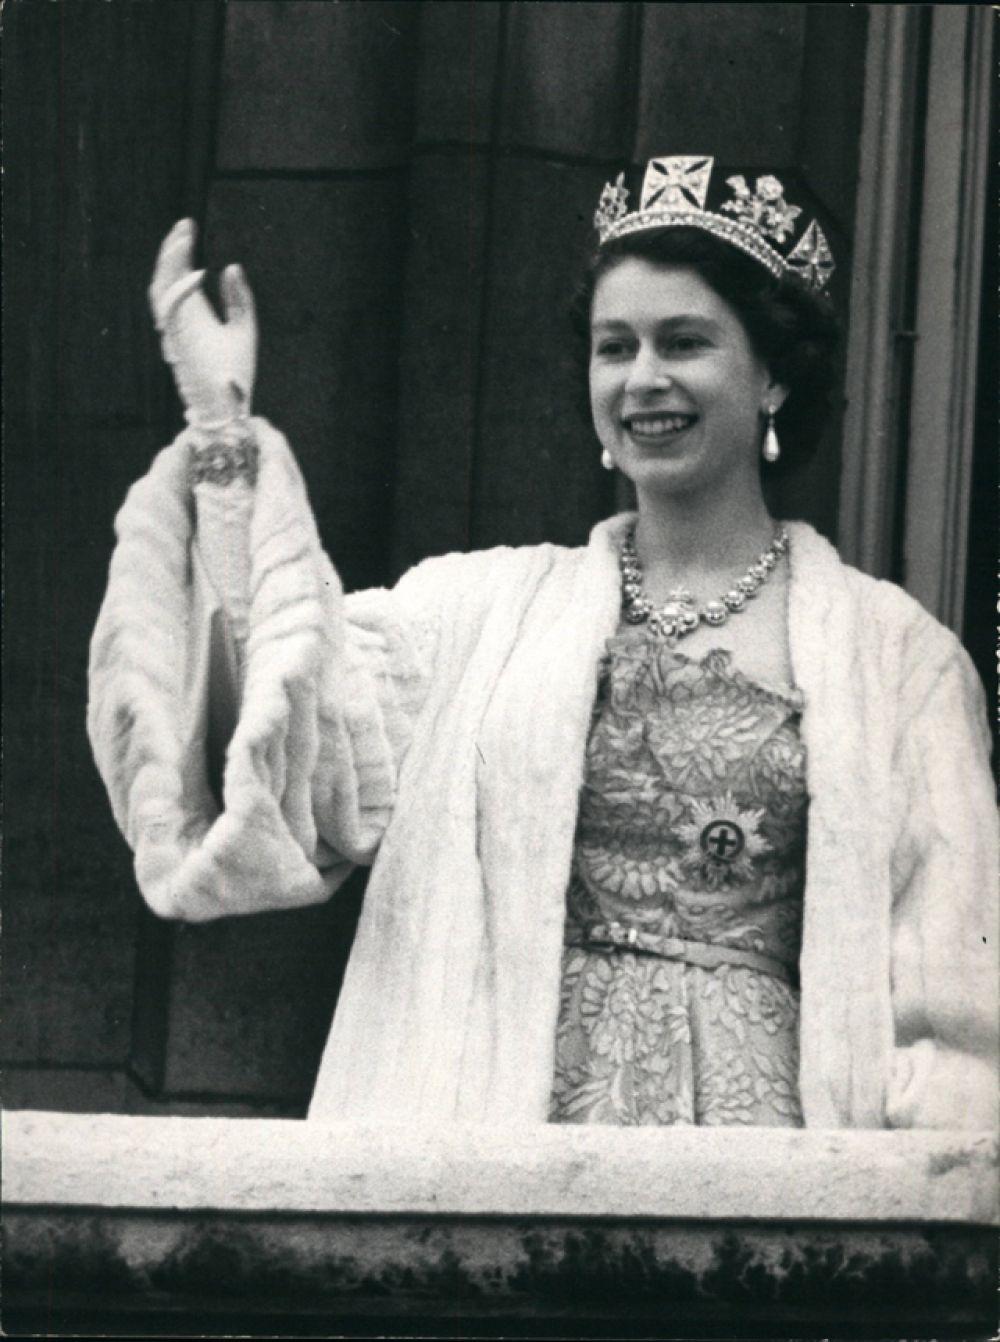 Король Георг VI умер 6 февраля 1952 года. Елизавета, в то время находившаяся вместе с мужем на отдыхе в Кении, была провозглашена королевой Великобритании.